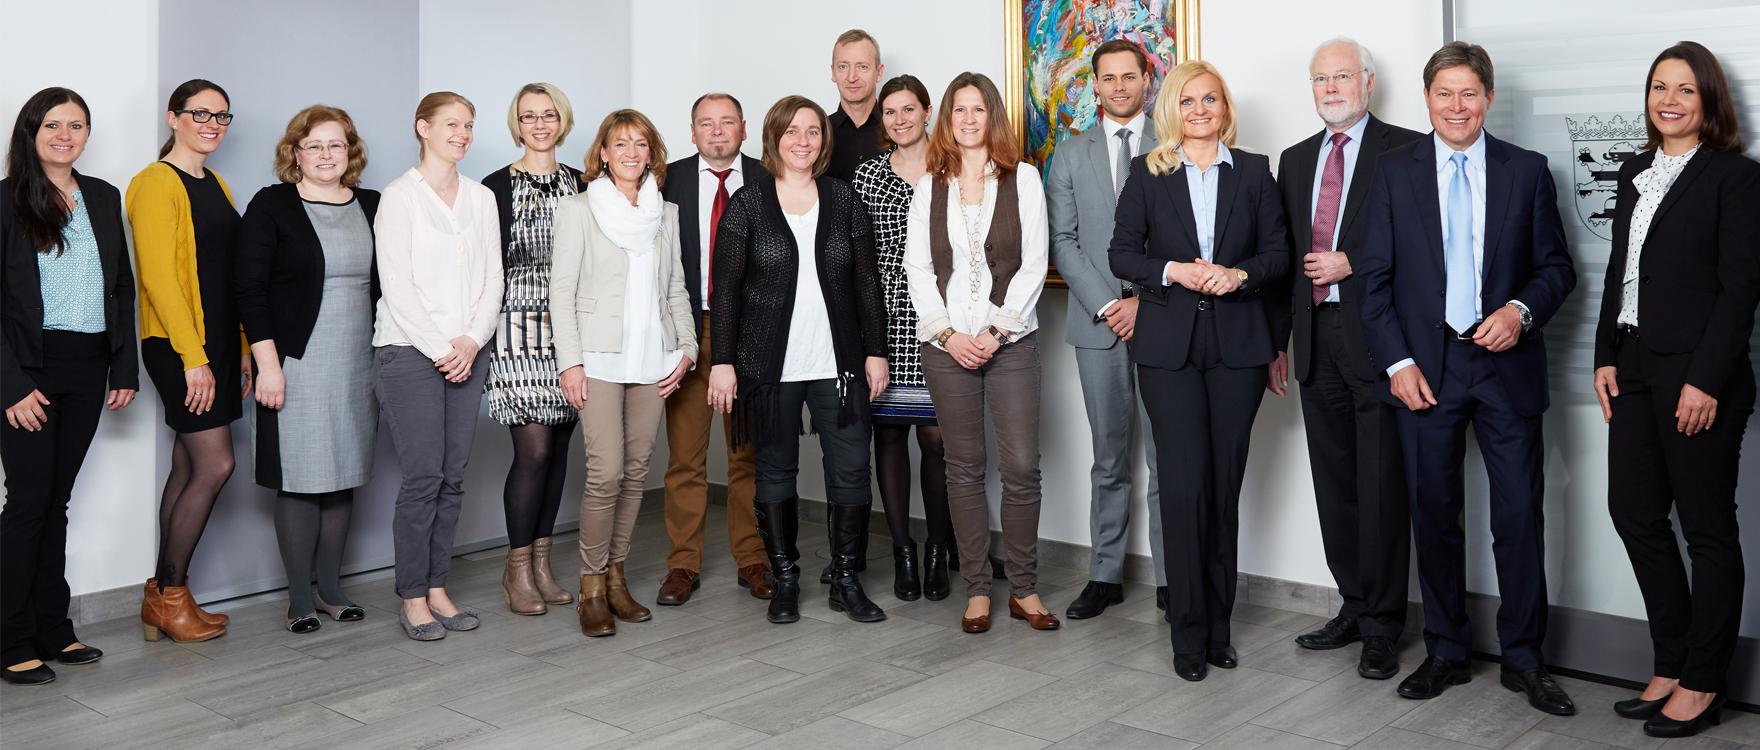 Kanzlei Kuzbida Team